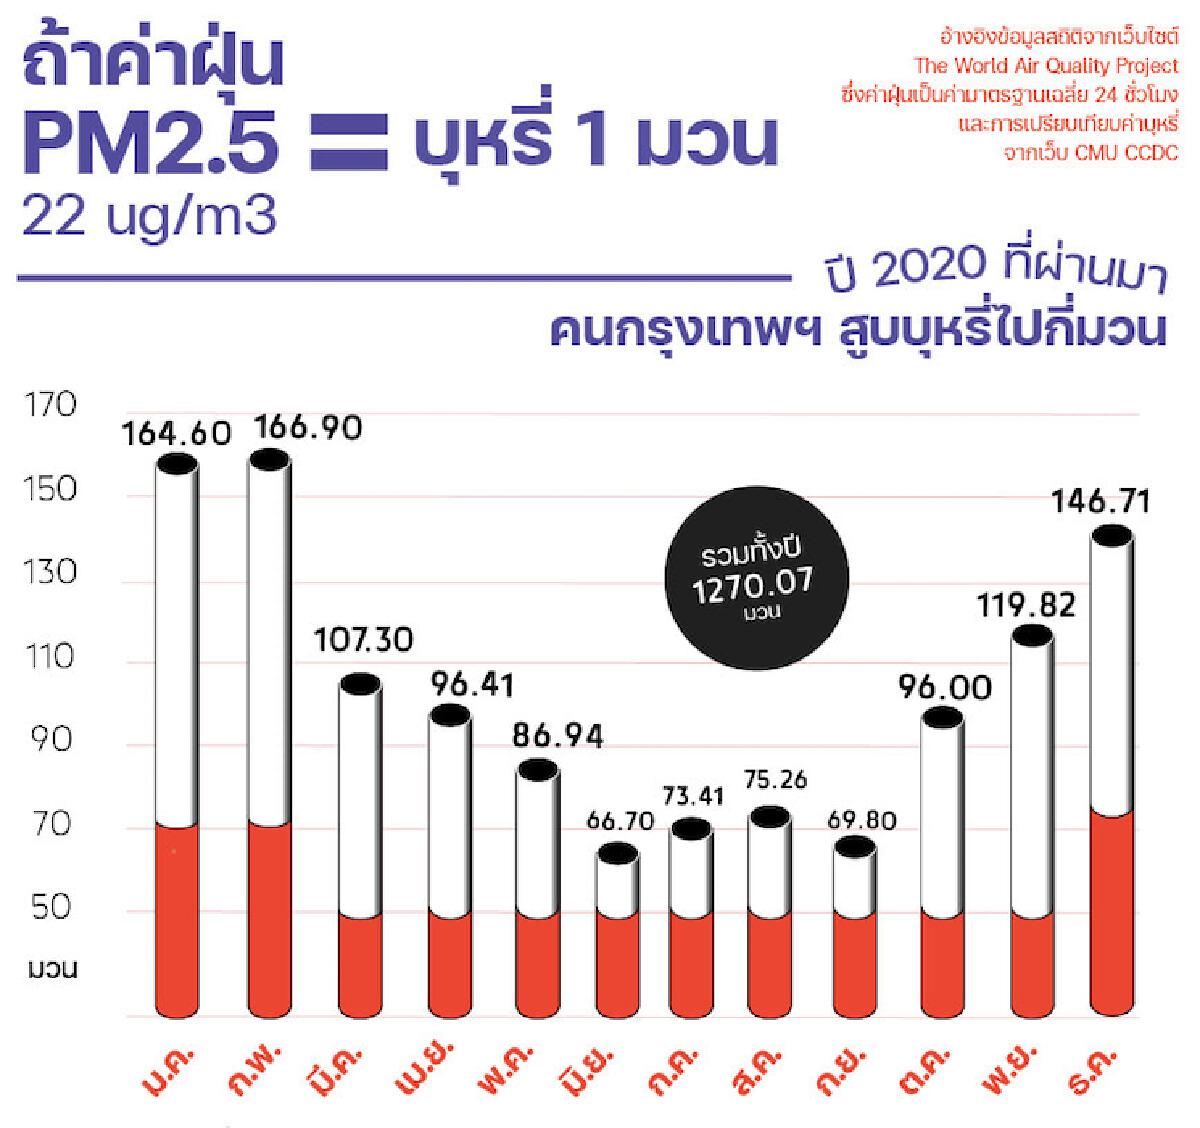 ปีที่แล้ว คนกรุงสูดฝุ่นพิษ PM 2.5 เท่ากับการสูบบุหรี่กว่า 1,270 มวน